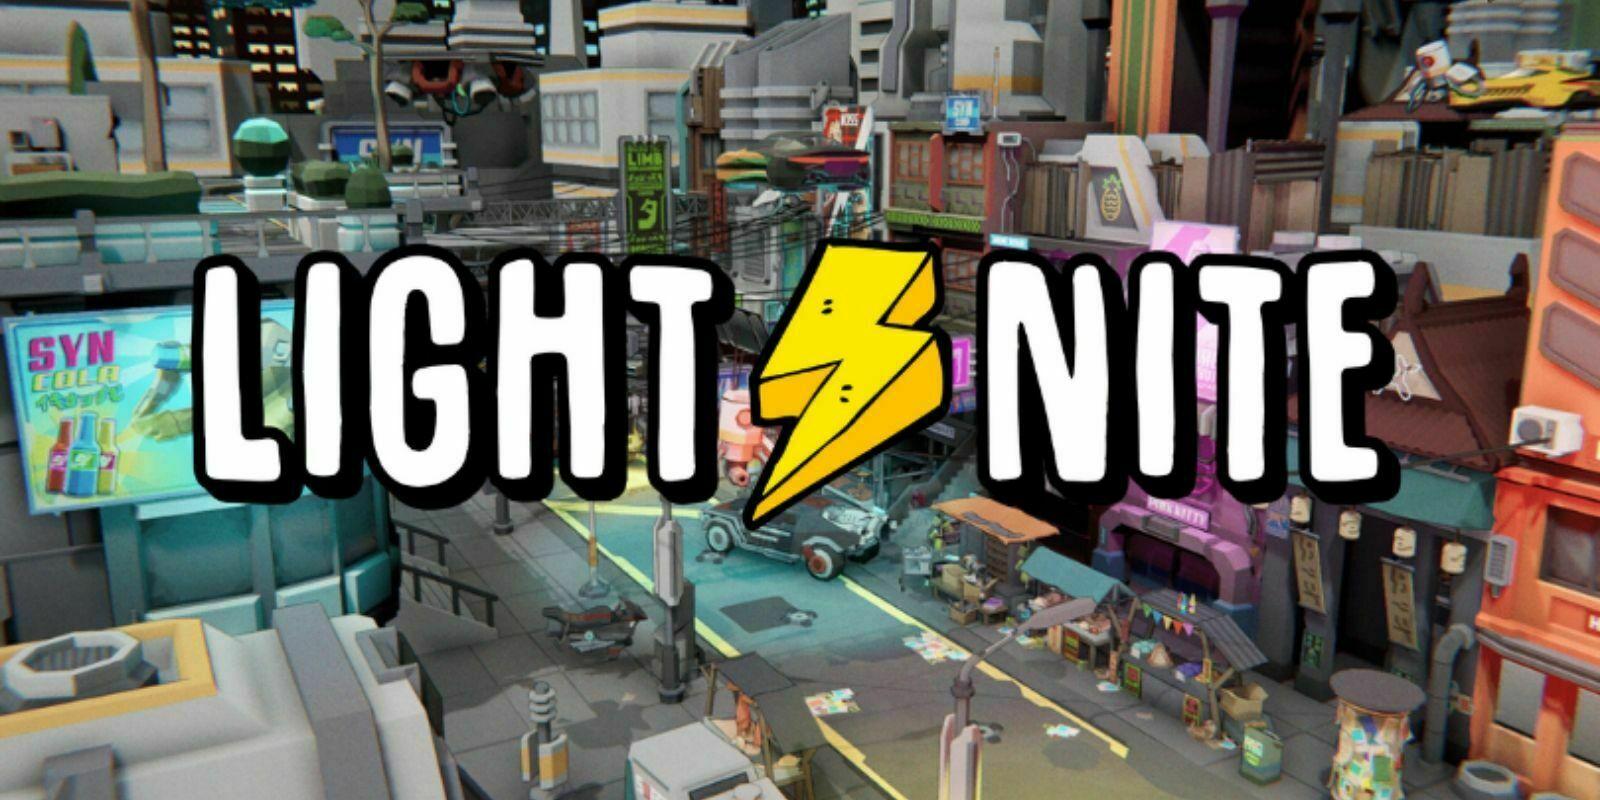 Lightnite : le jeu de battle royale qui vous fait gagner du Bitcoin